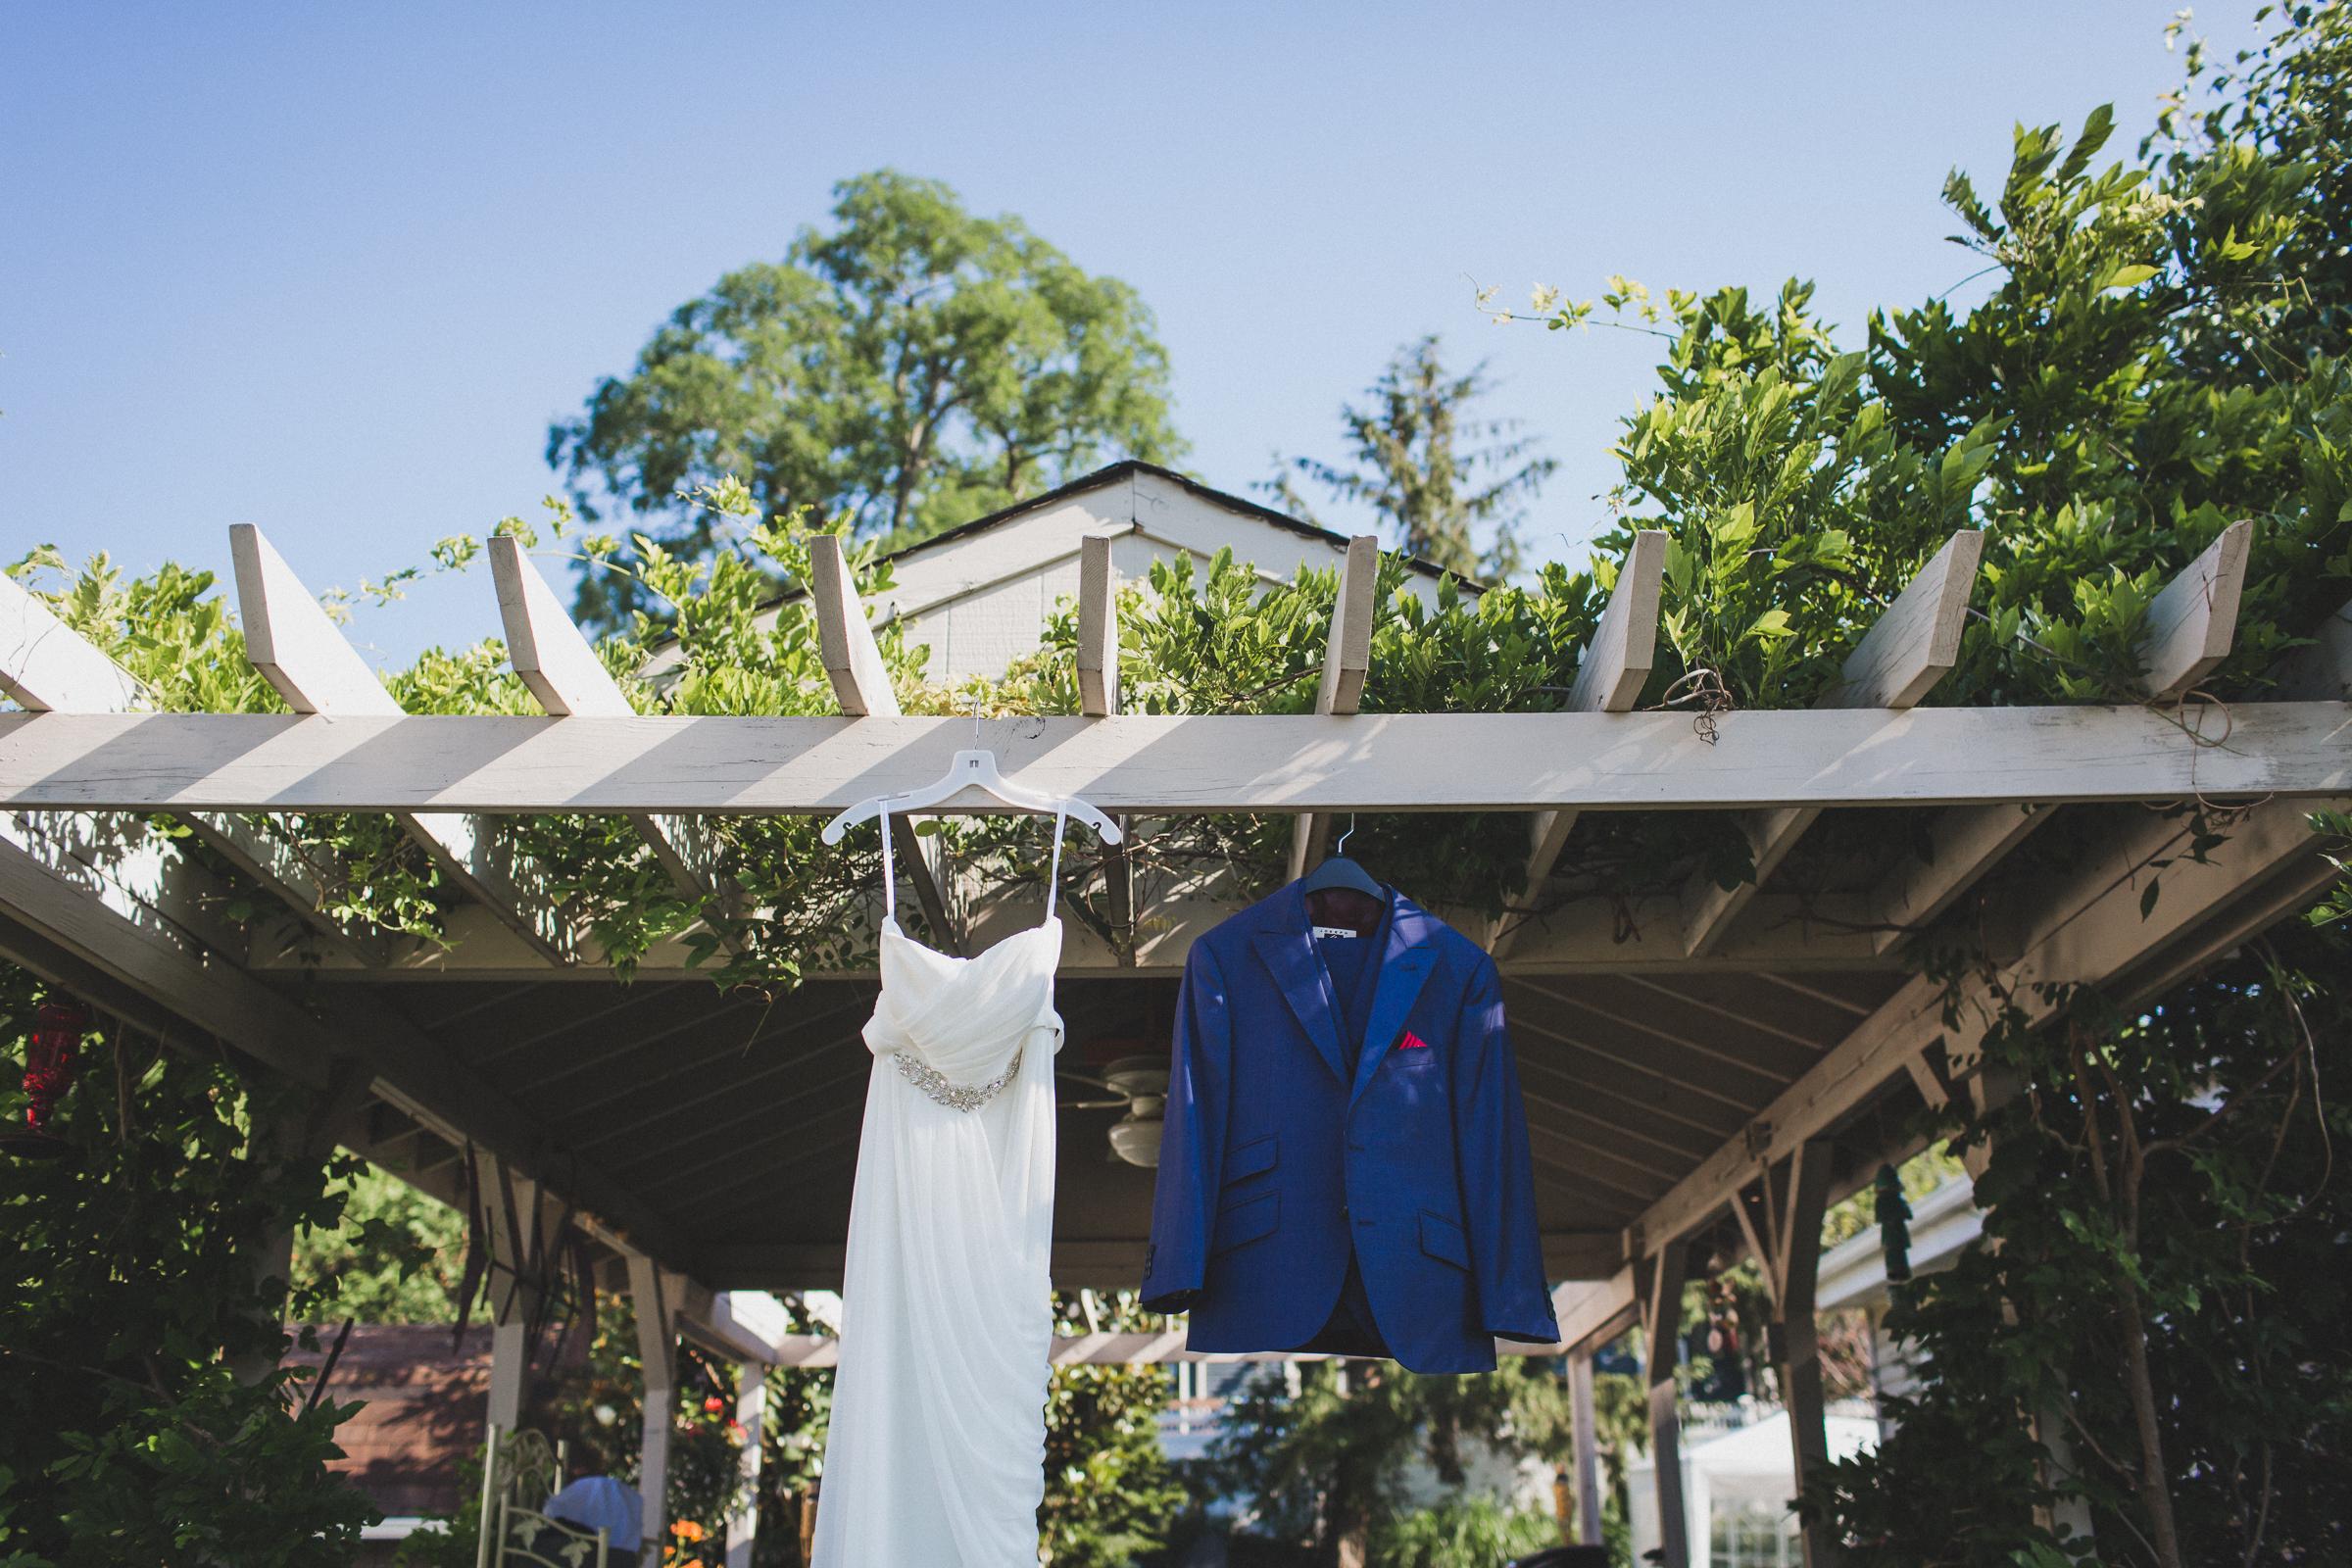 Long-Island-Documentary-Wedding-Photographer-Avalon-Park-Wedding-Photos-2.jpg